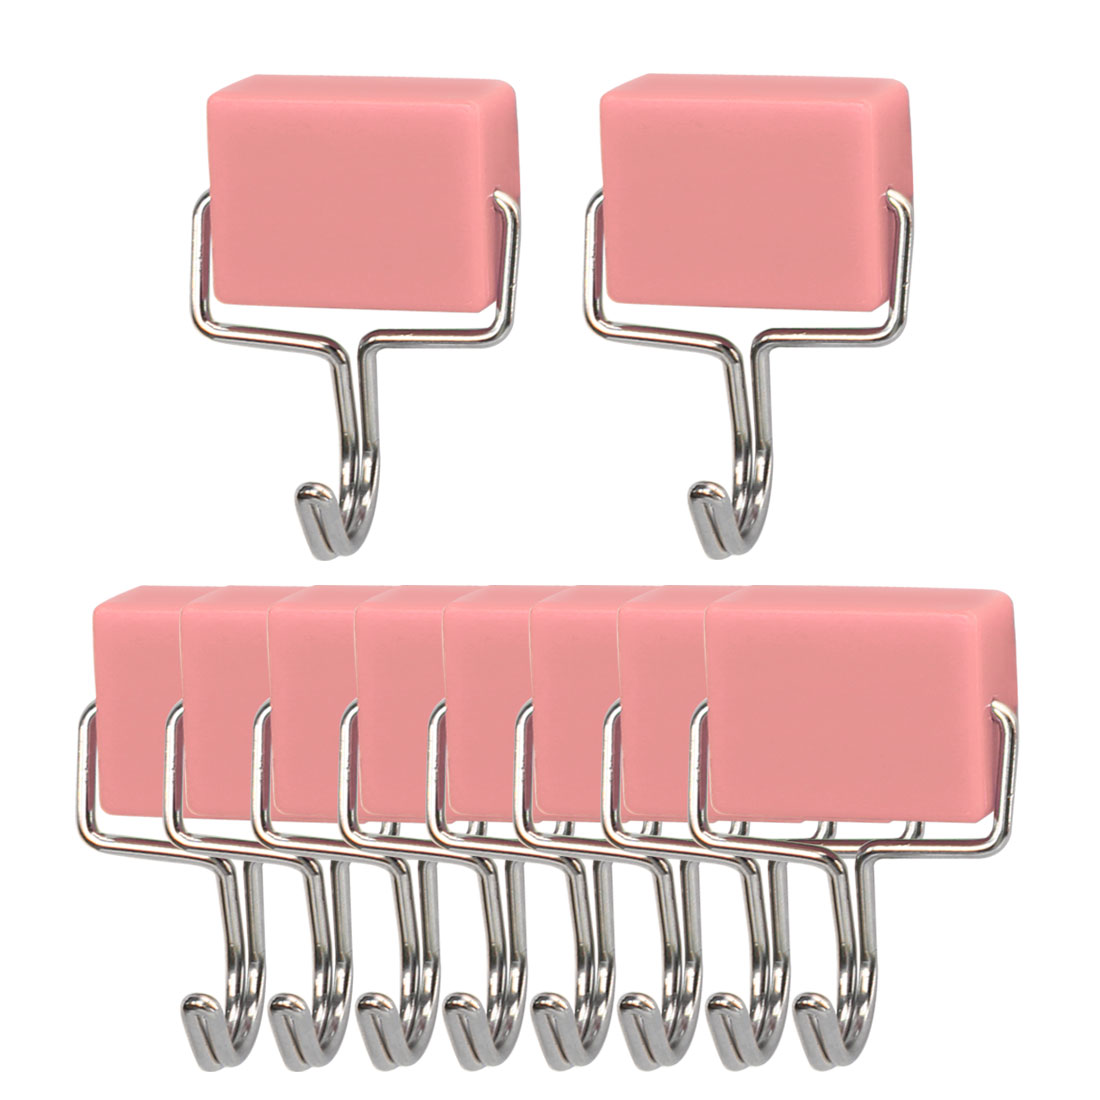 10pcs Magnetic Hook Wall Hooks Hanger for Kitchenware Coat Hat Holder Pink